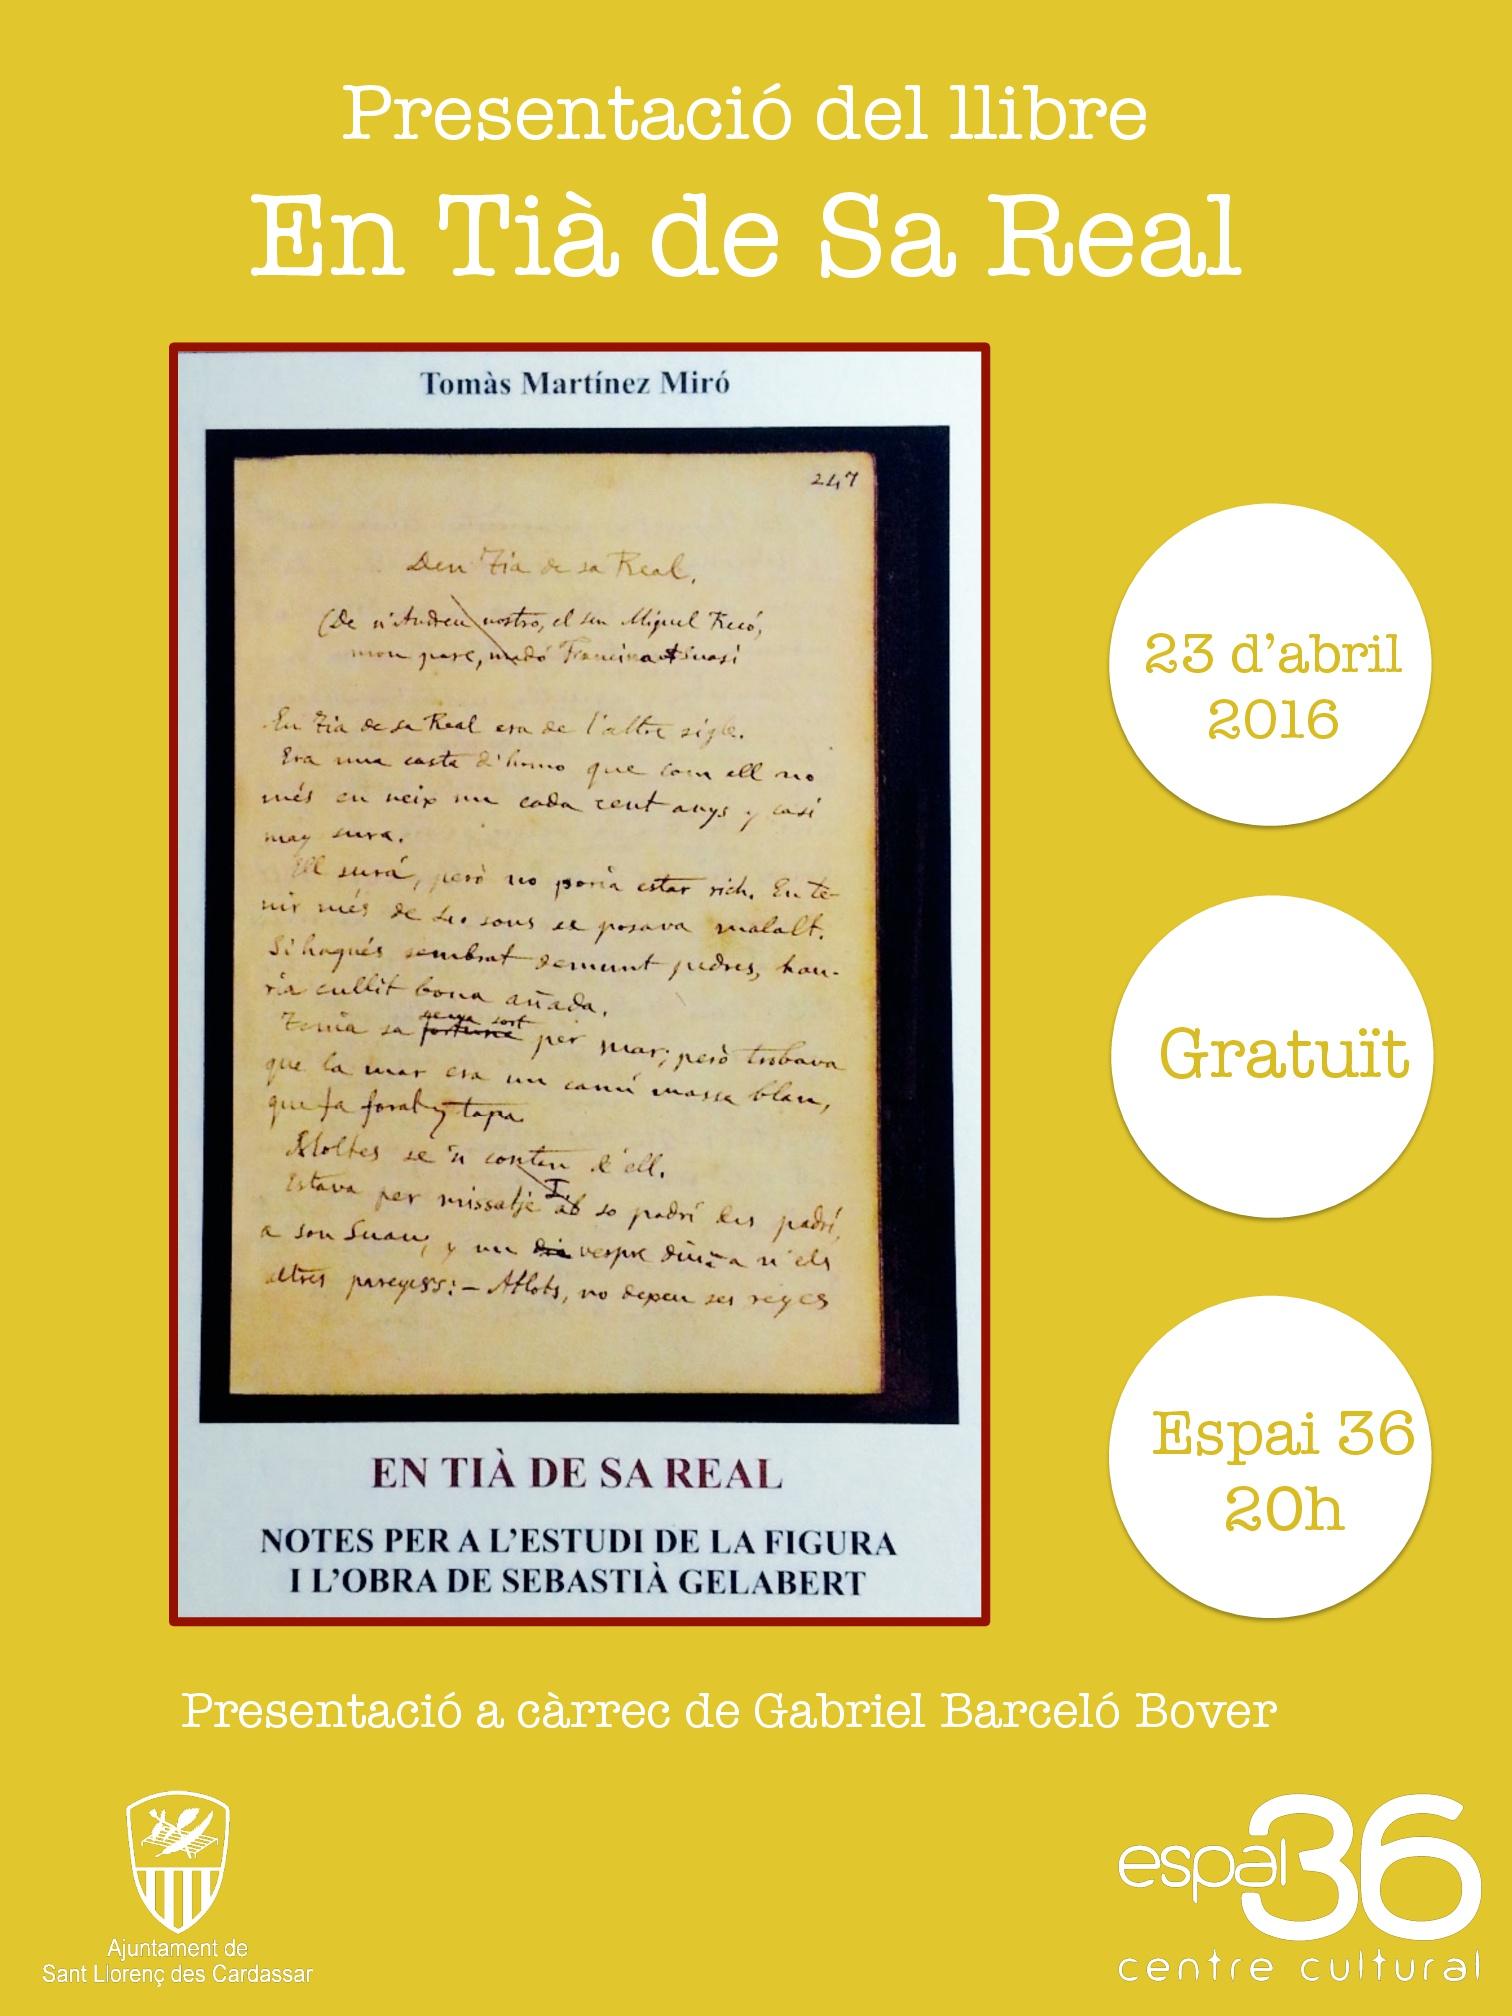 Llibre en Tià de Sa Real-001-2